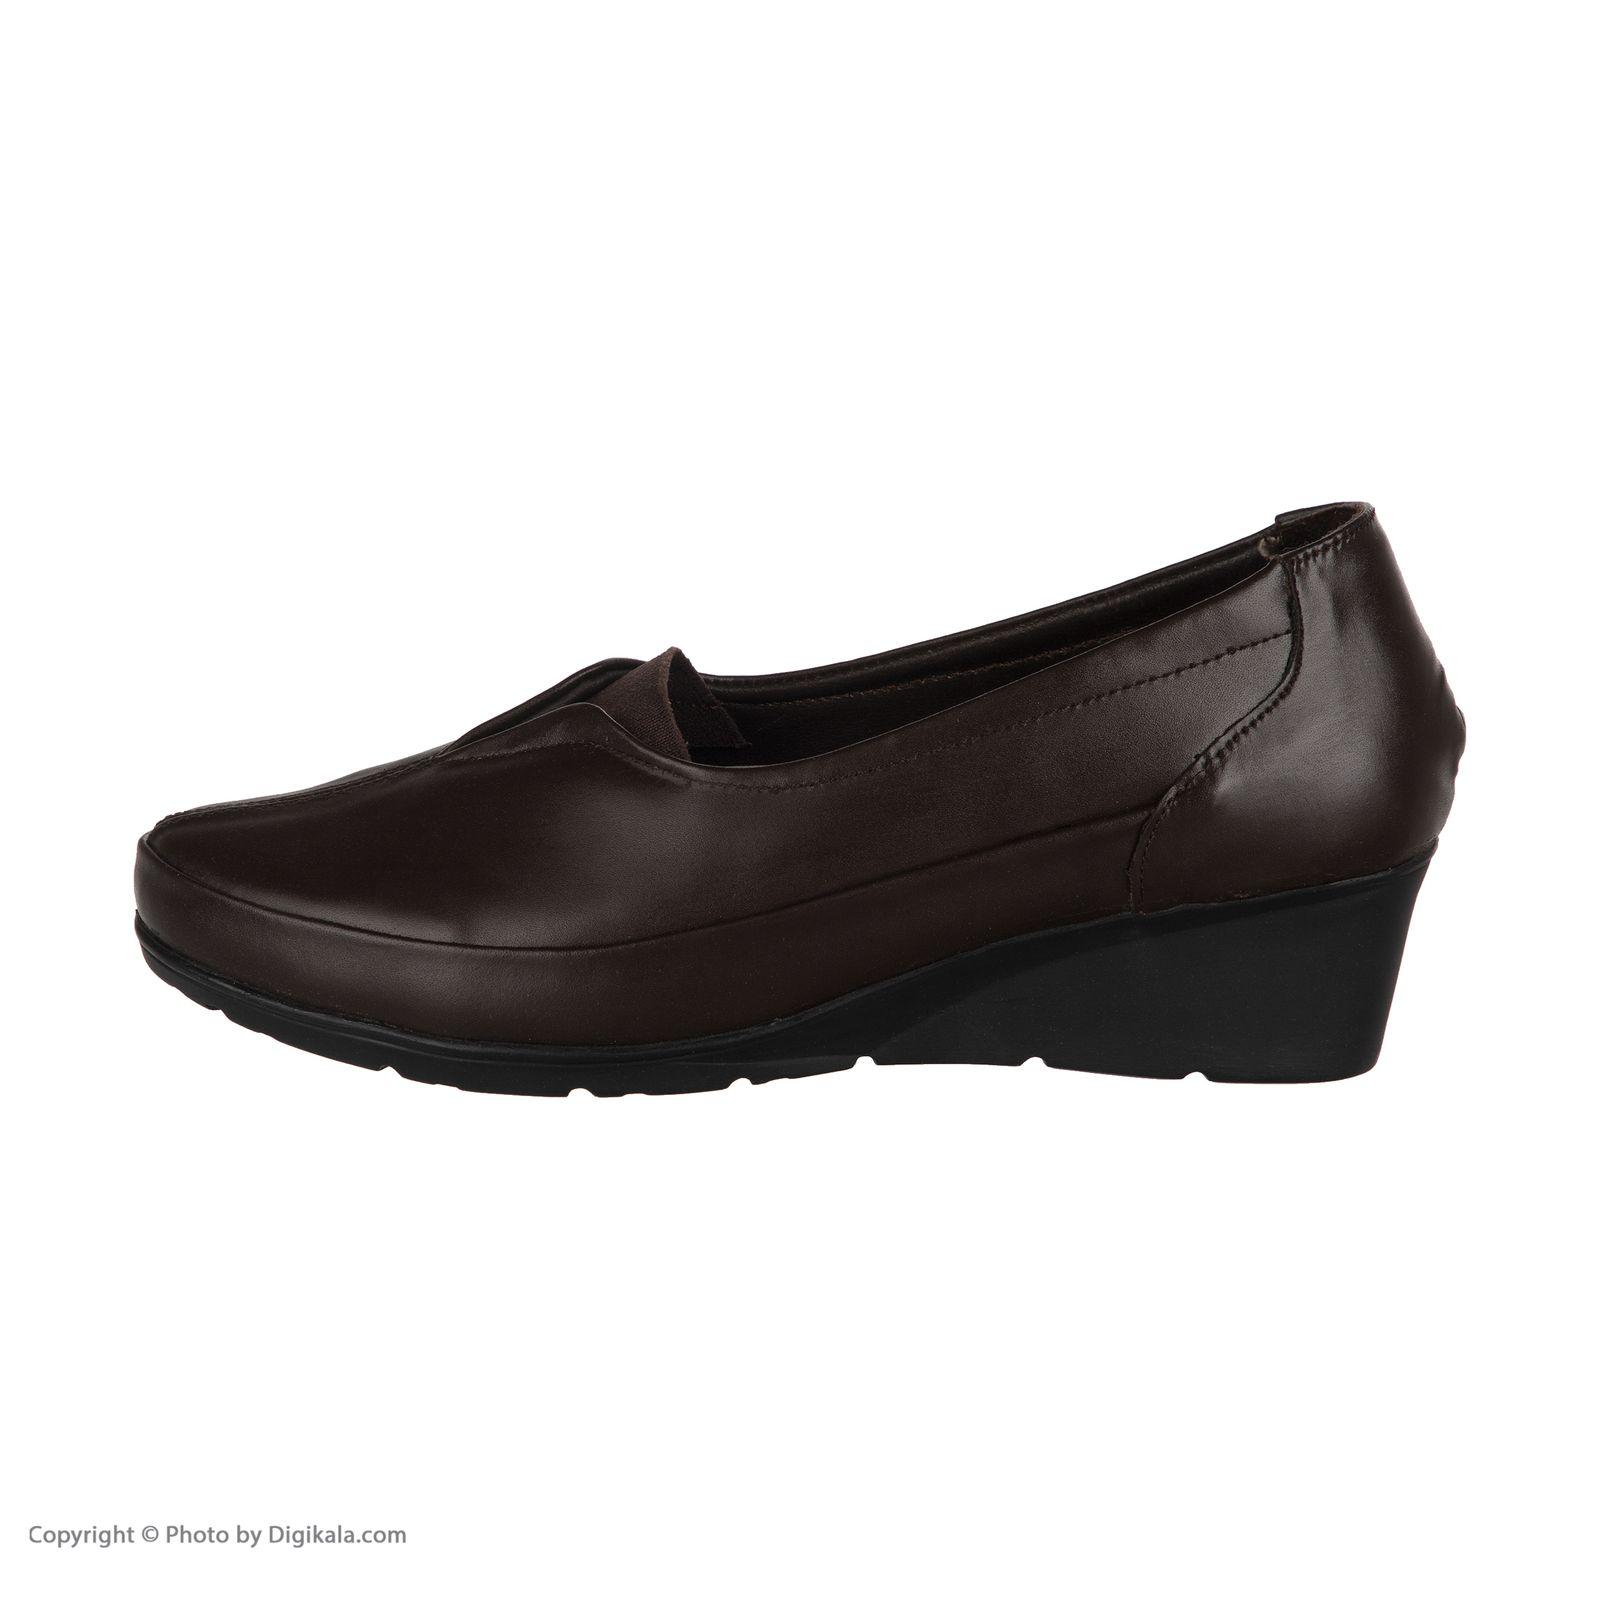 کفش روزمره زنانه سوته مدل 3026C500104 -  - 3